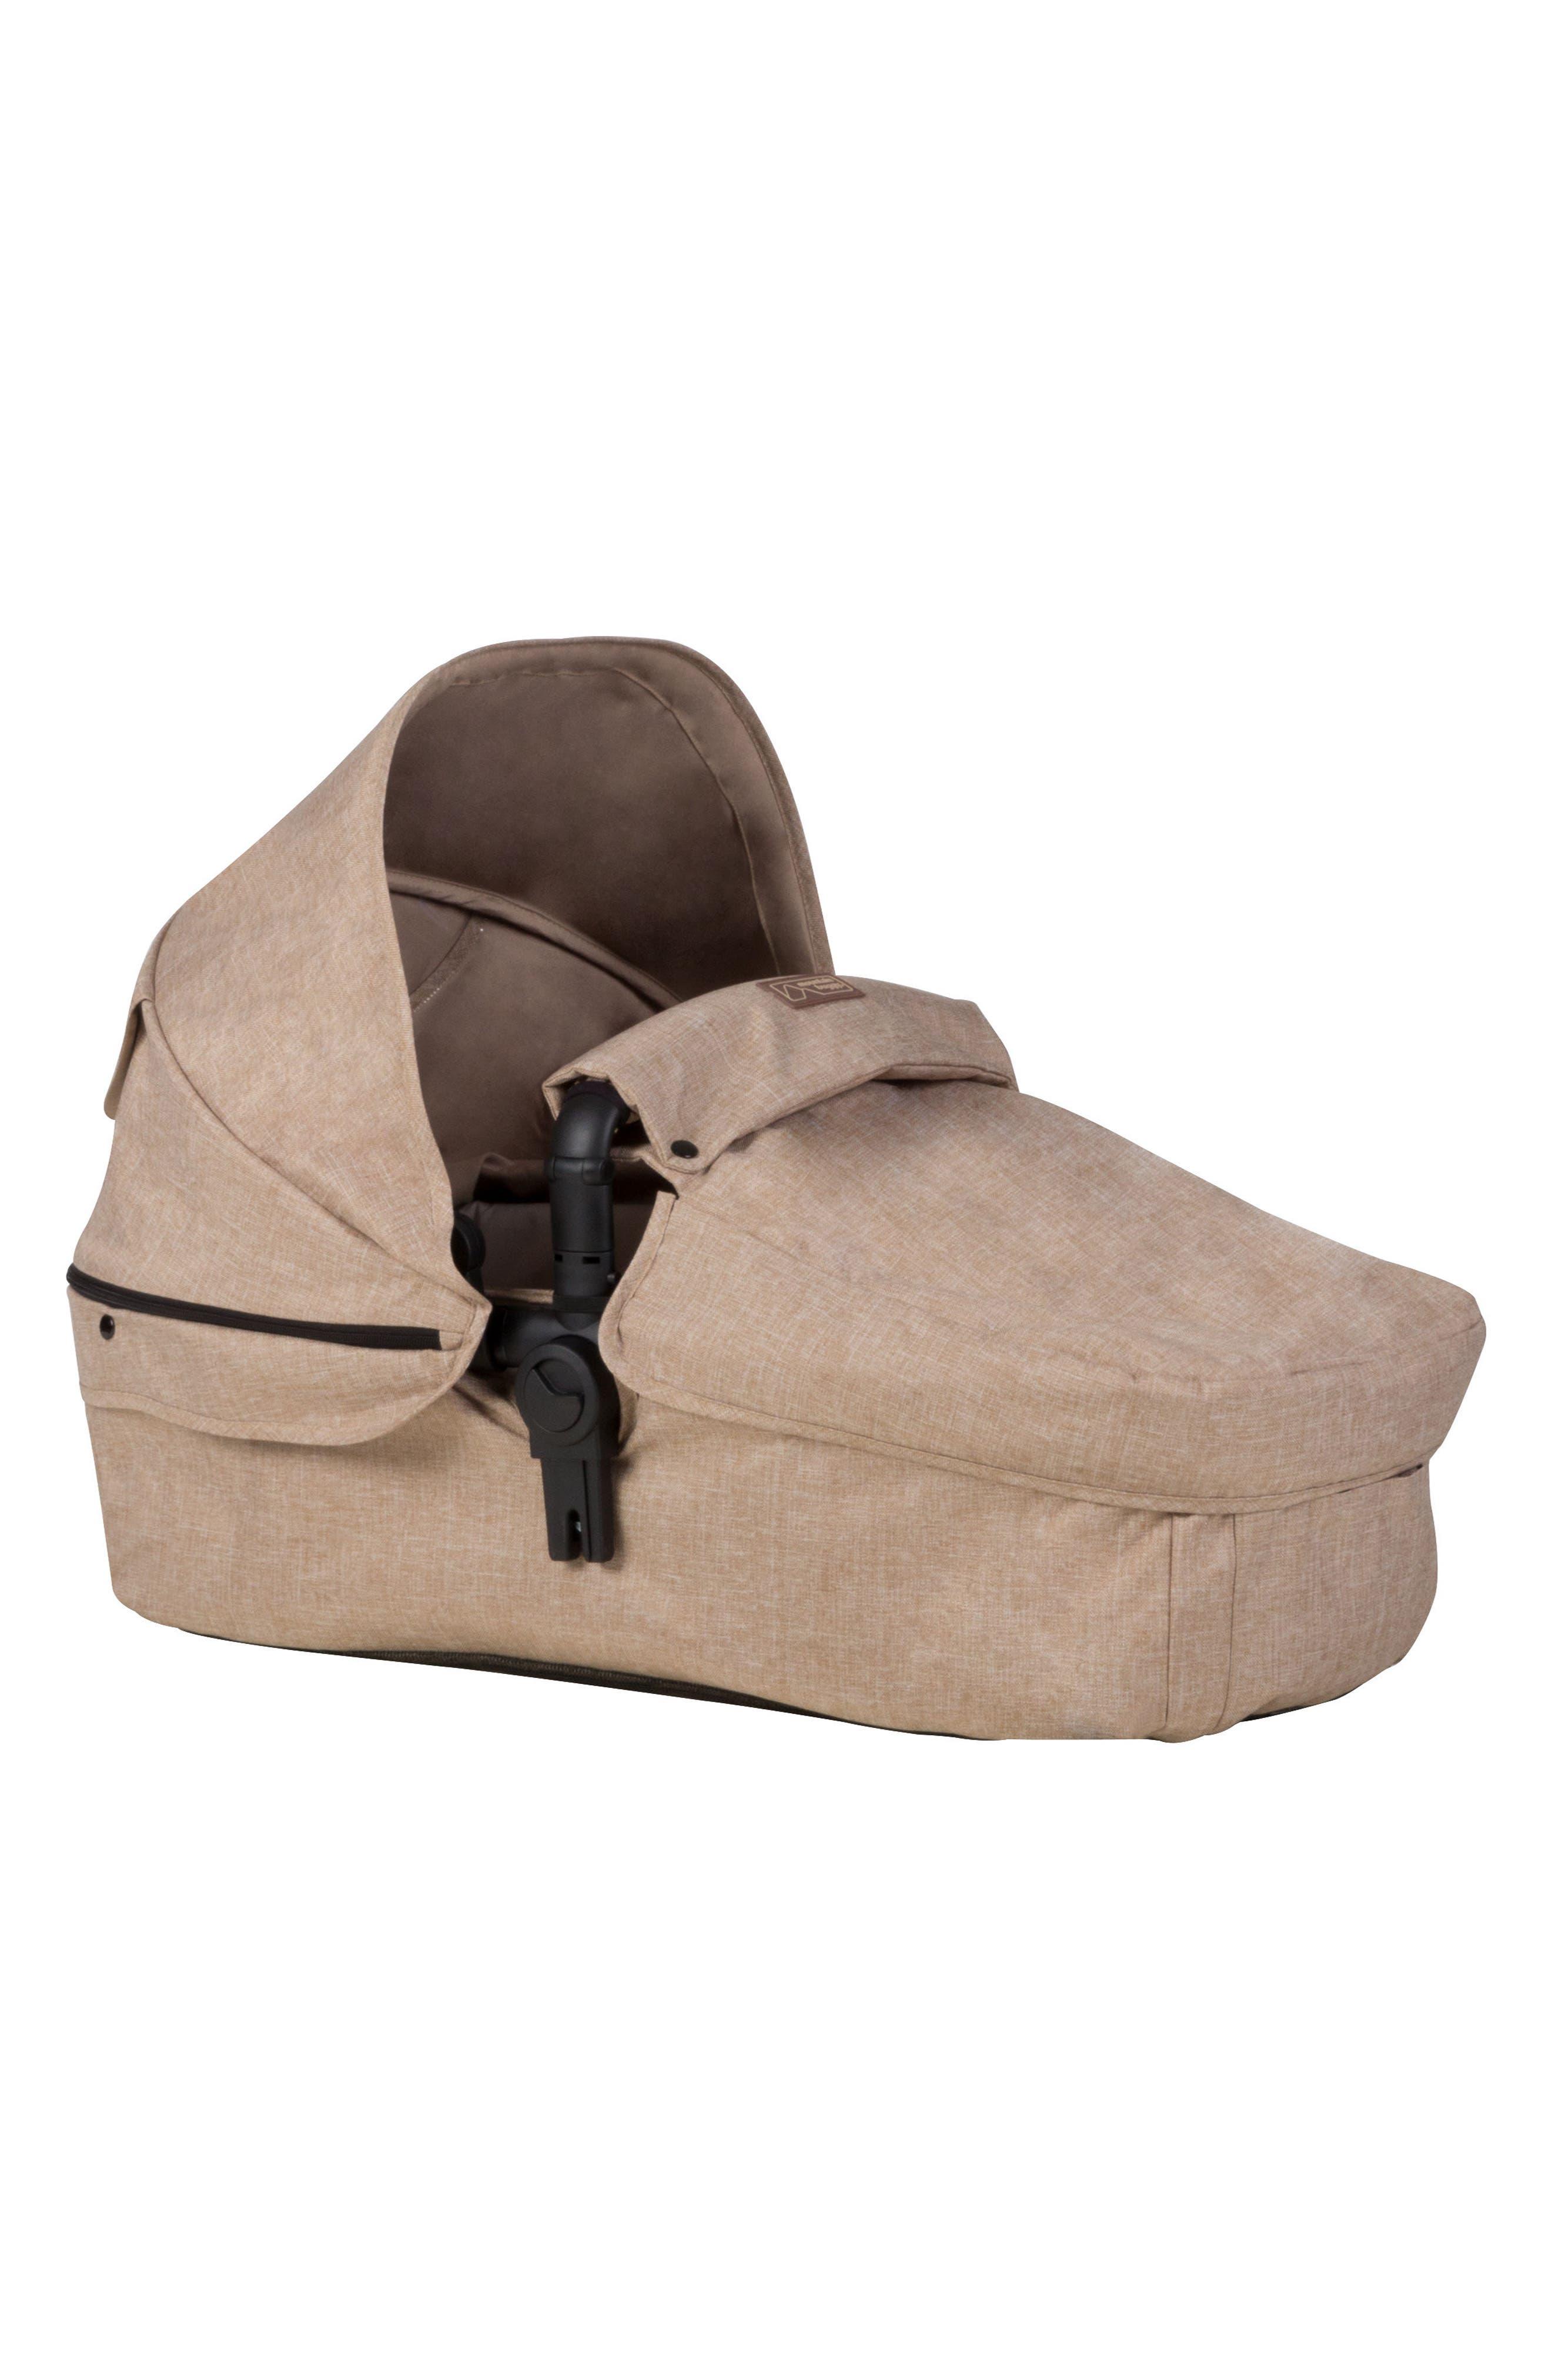 Cosmopolitan Carrycot for Cosmopolitan Stroller,                         Main,                         color, MOCHA